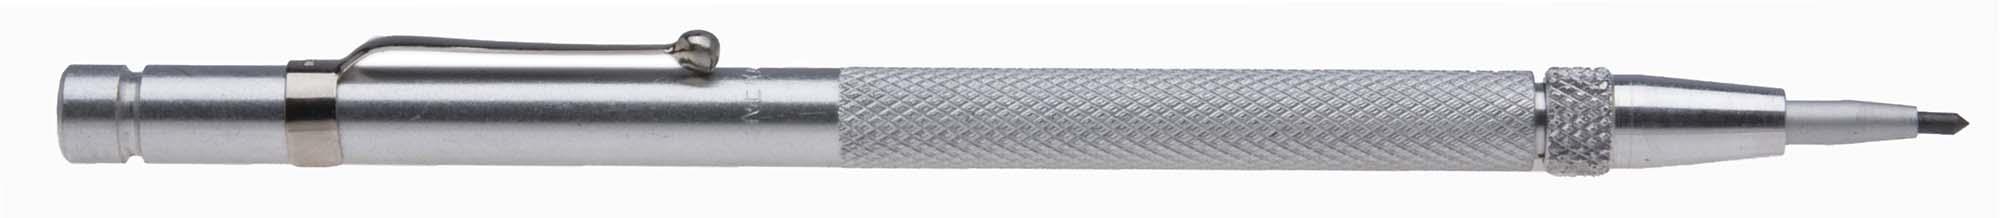 General 88CM - Carbide Scriber w/ magnet -